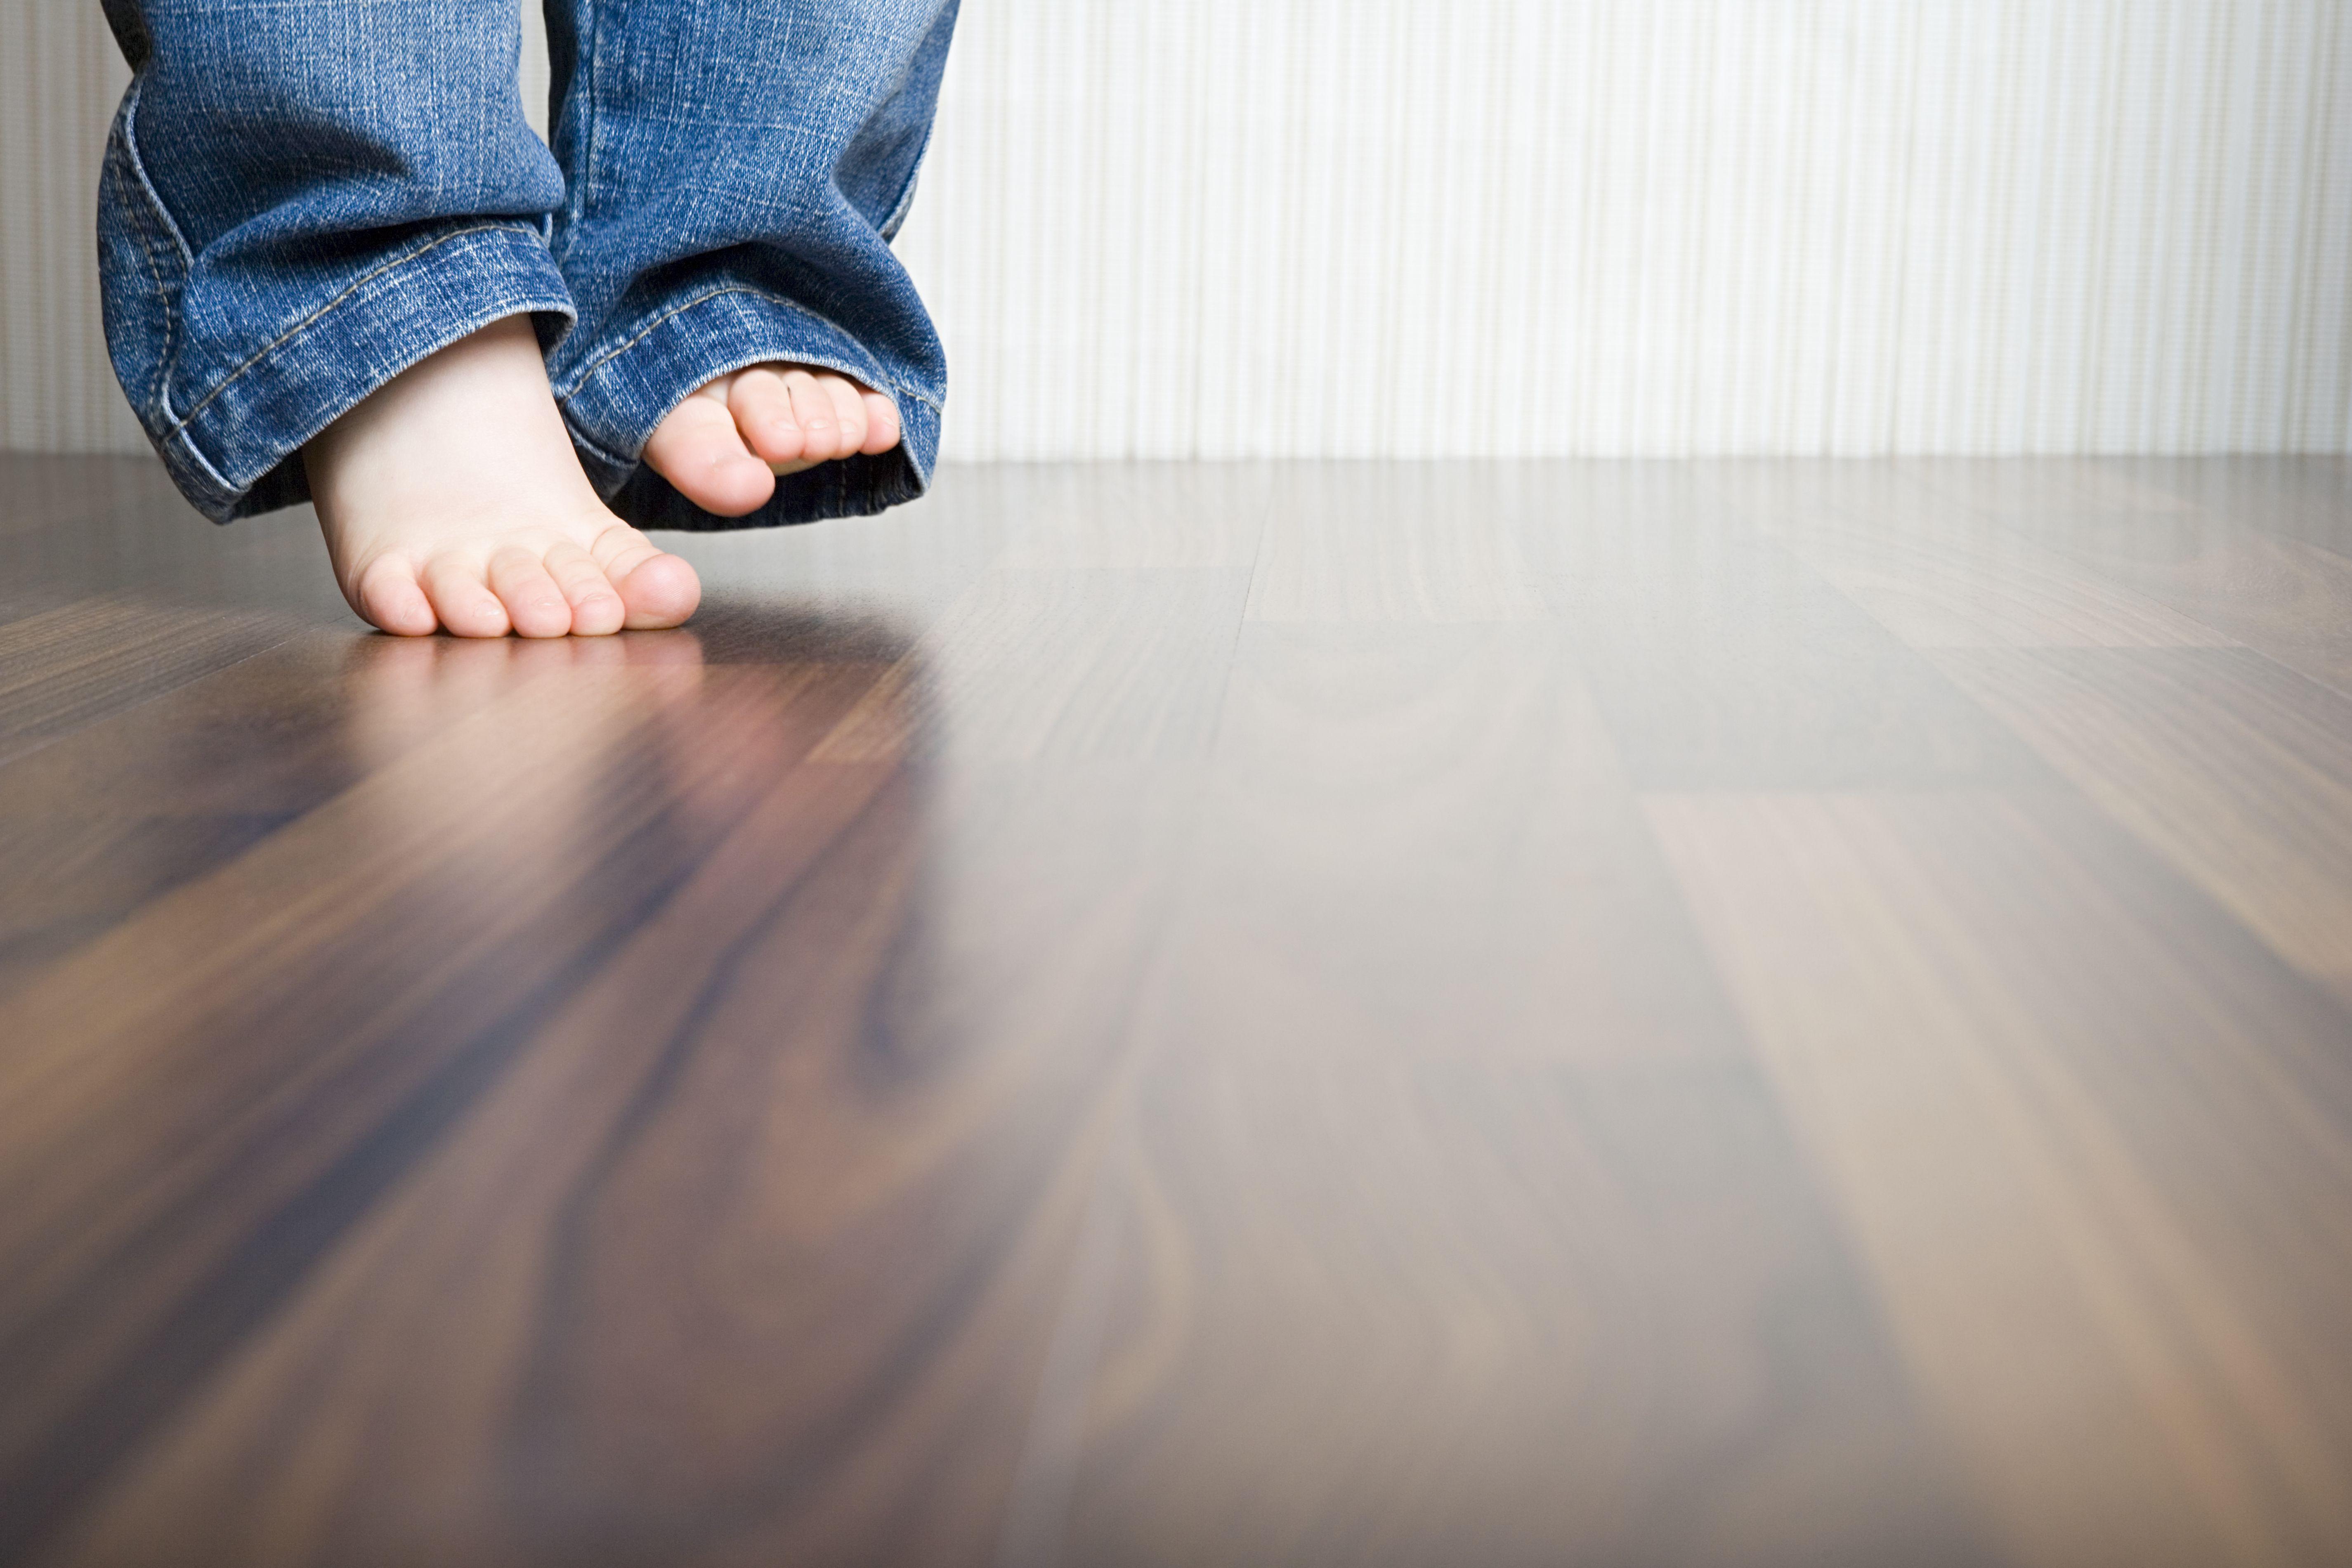 best hardwood floor alternative of how to clean hardwood floors best way to clean wood flooring inside 1512149908 gettyimages 75403973